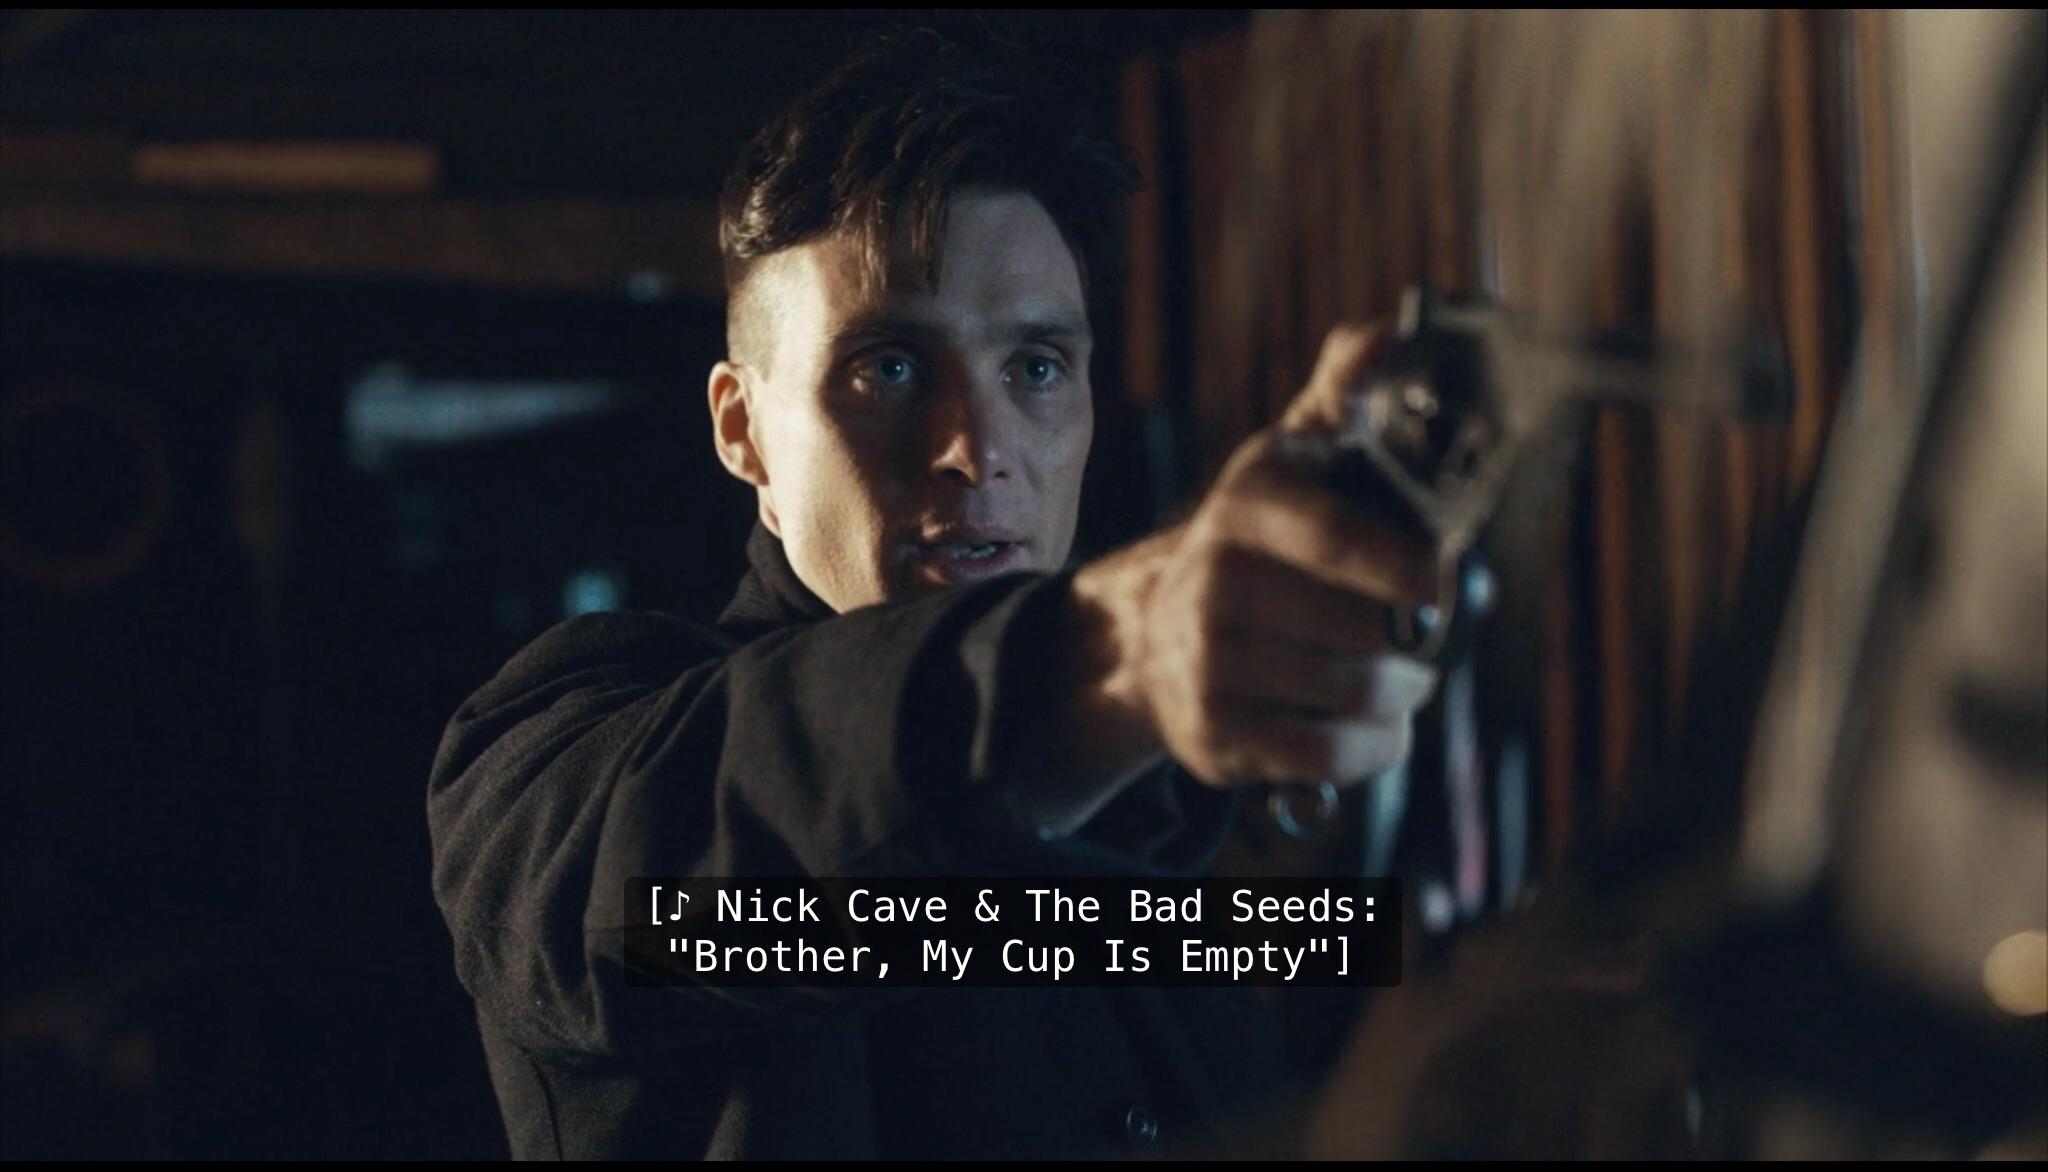 Nick Cave zandstra